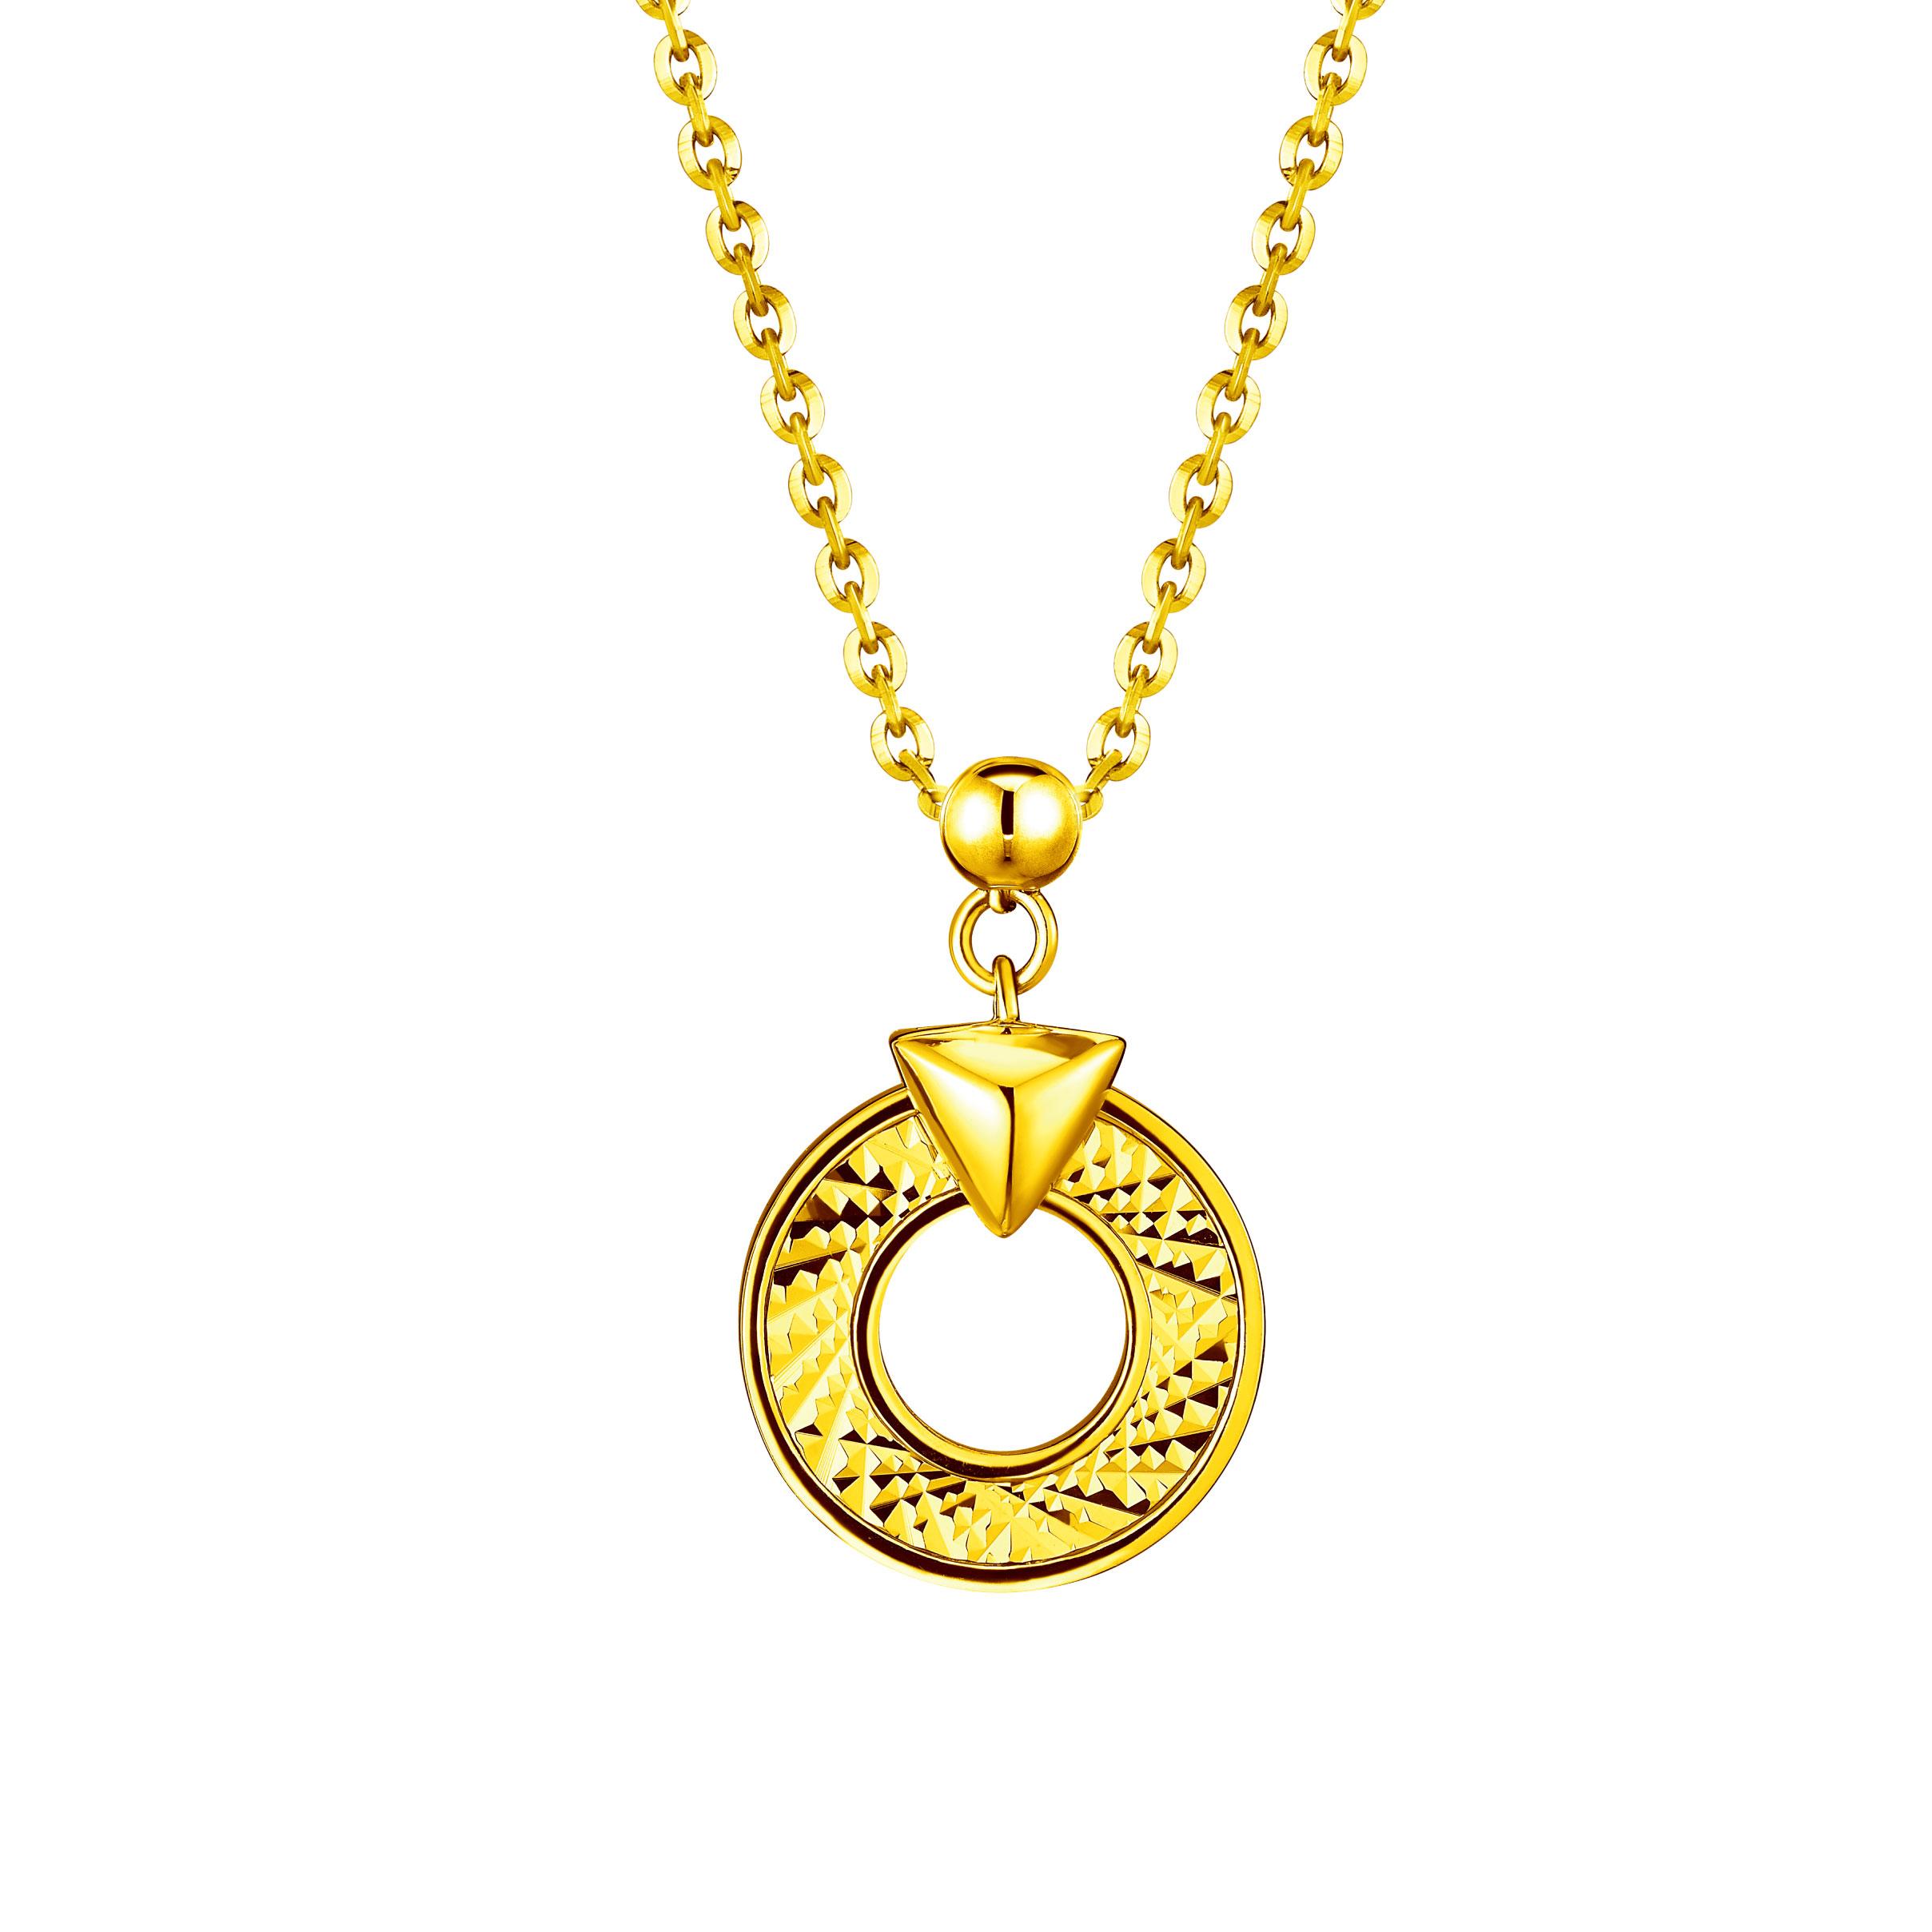 Goldstyle「良缘」项链